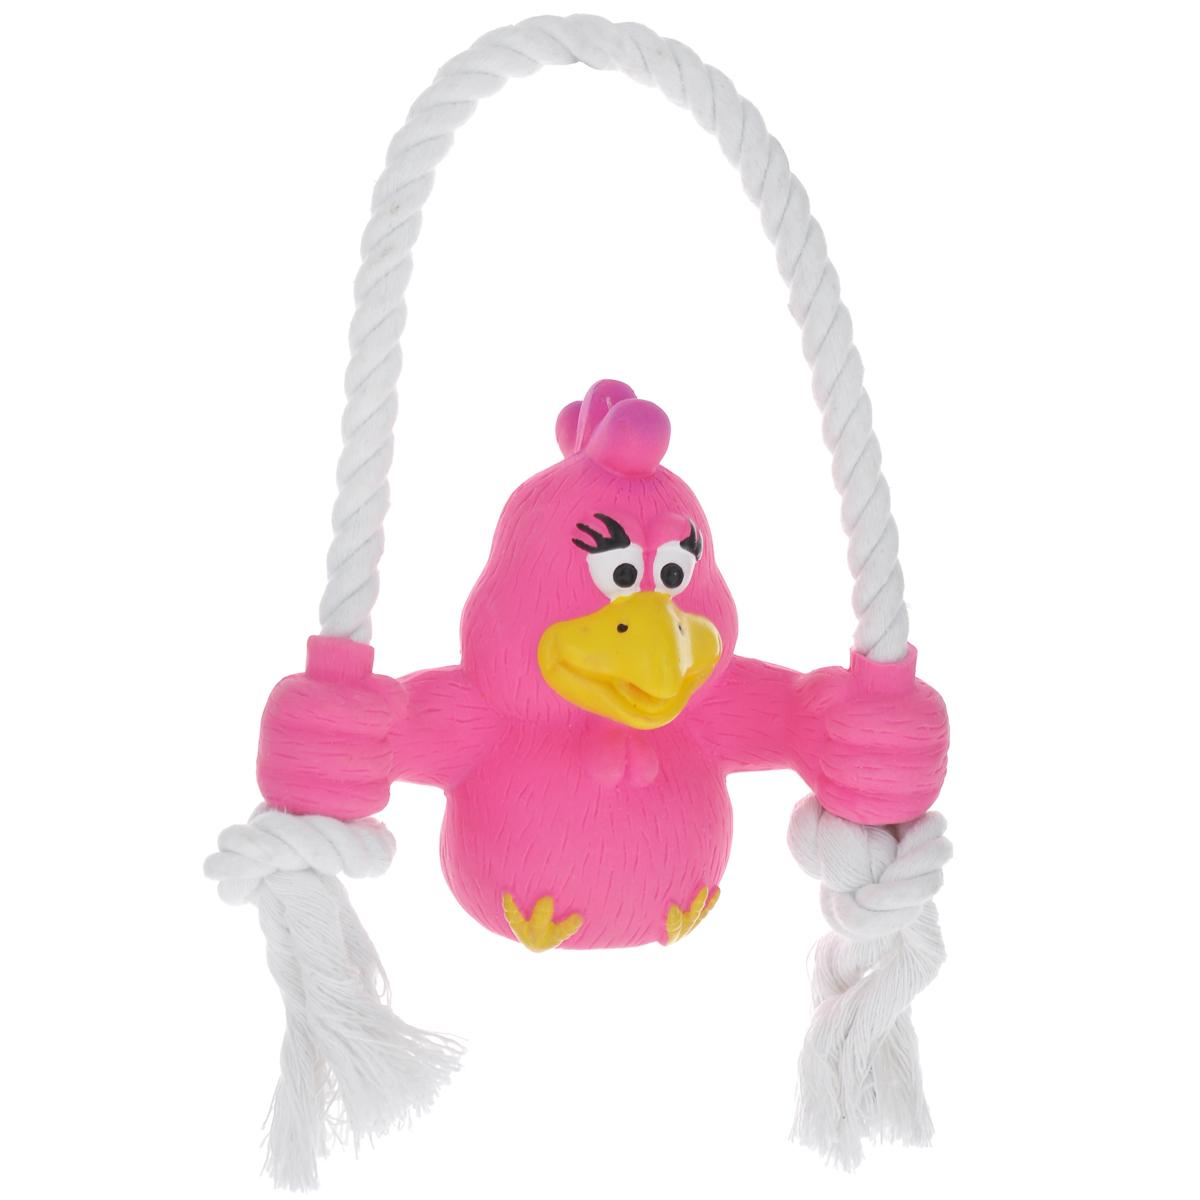 Игрушка для собак Ziver Цыпленок на качелях, с пищалкой, цвет: розовый, высота 20 см игрушка для собак ziver осел длинноухий с пищалкой цвет голубой 18 см